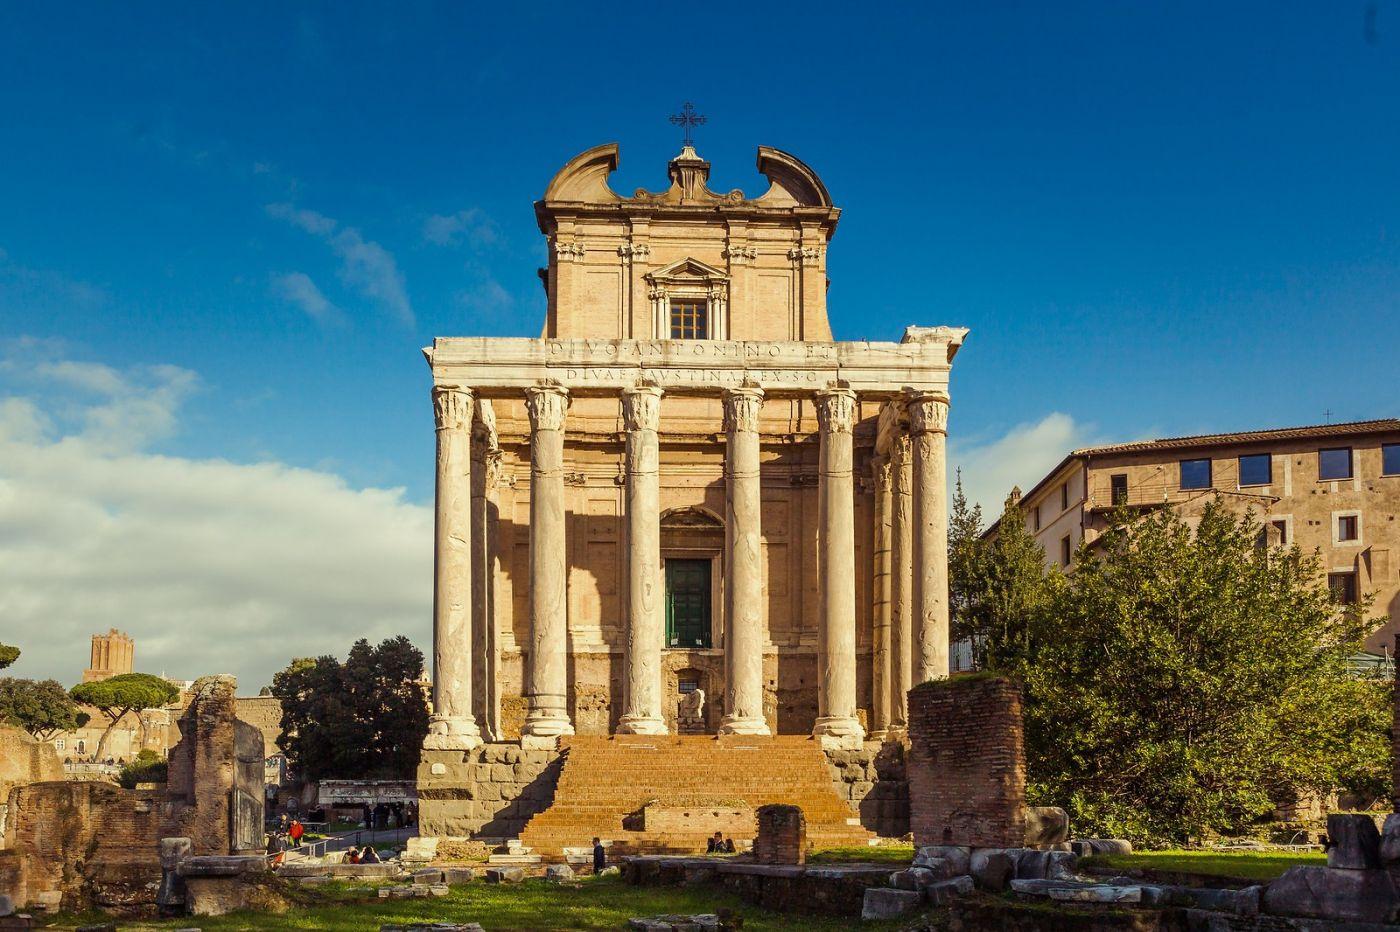 意大利罗马论坛,二千年的历史_图1-26